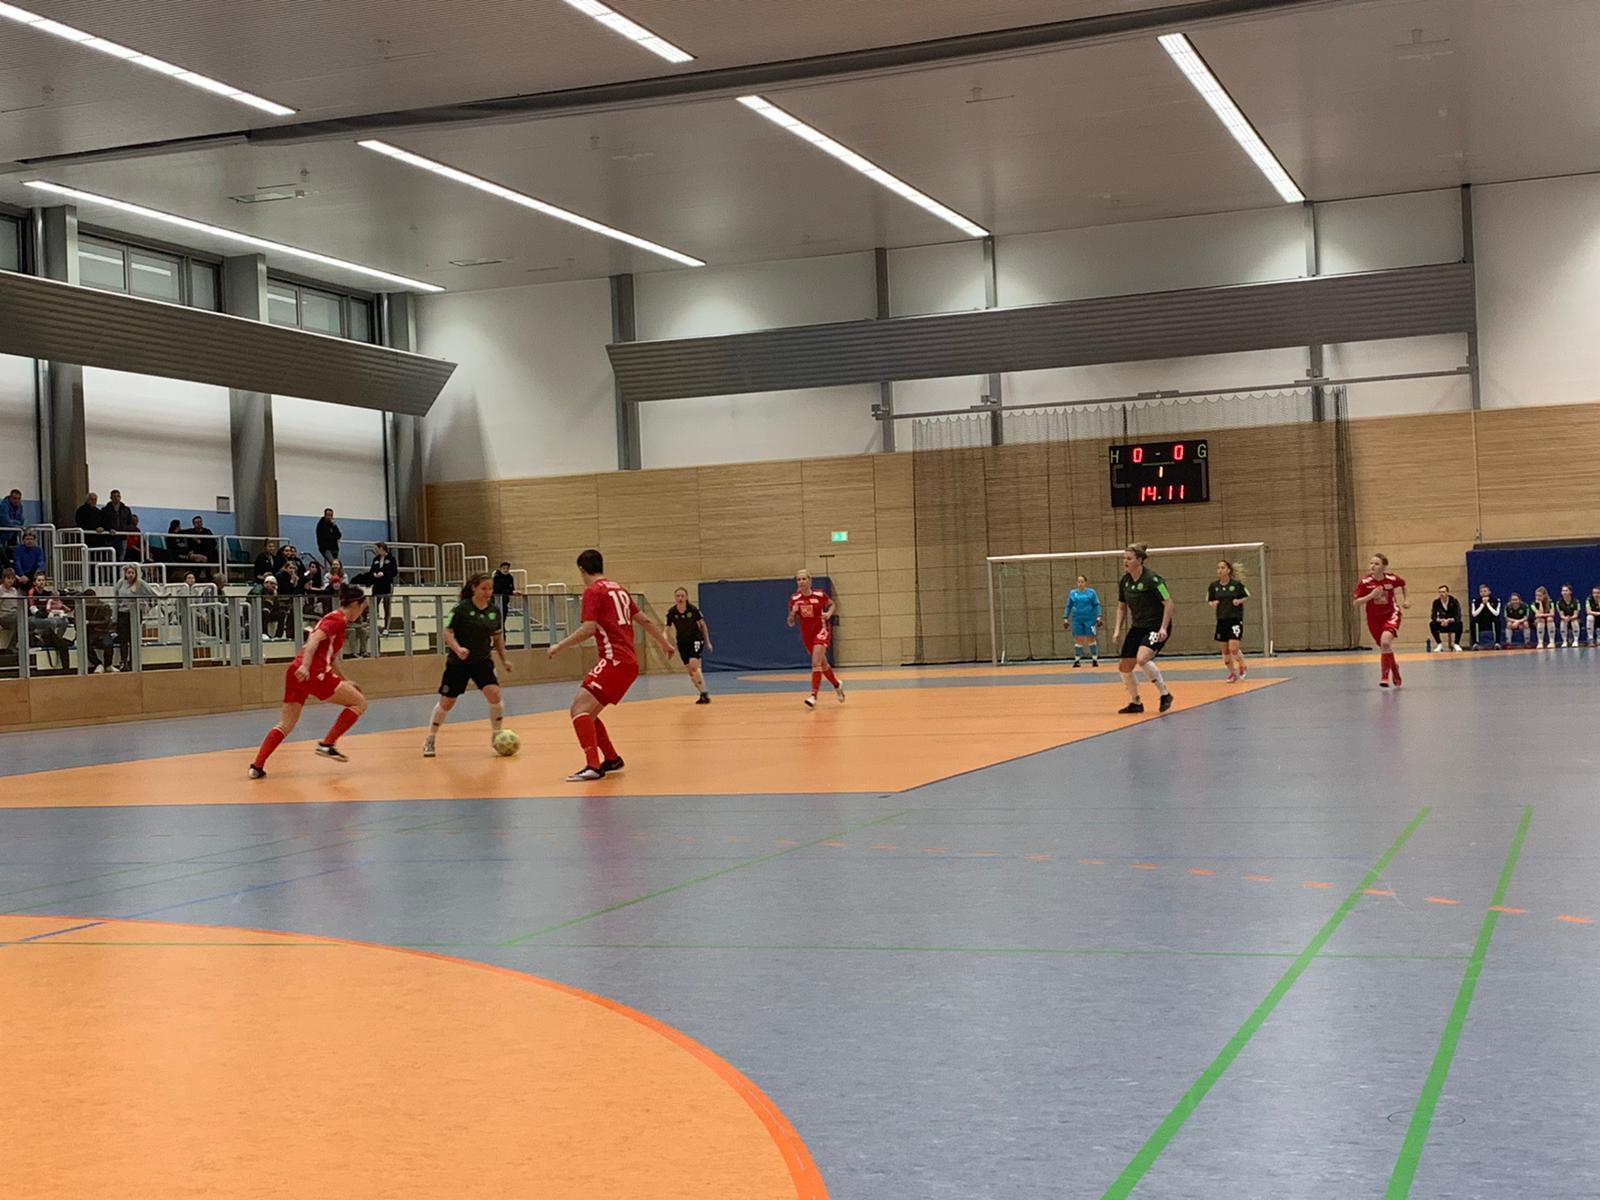 Unions Frauen belegten in Lichtenberg beim Hallenturnier Platz 2, Foto: 1. FC Union Frauen/Facebook